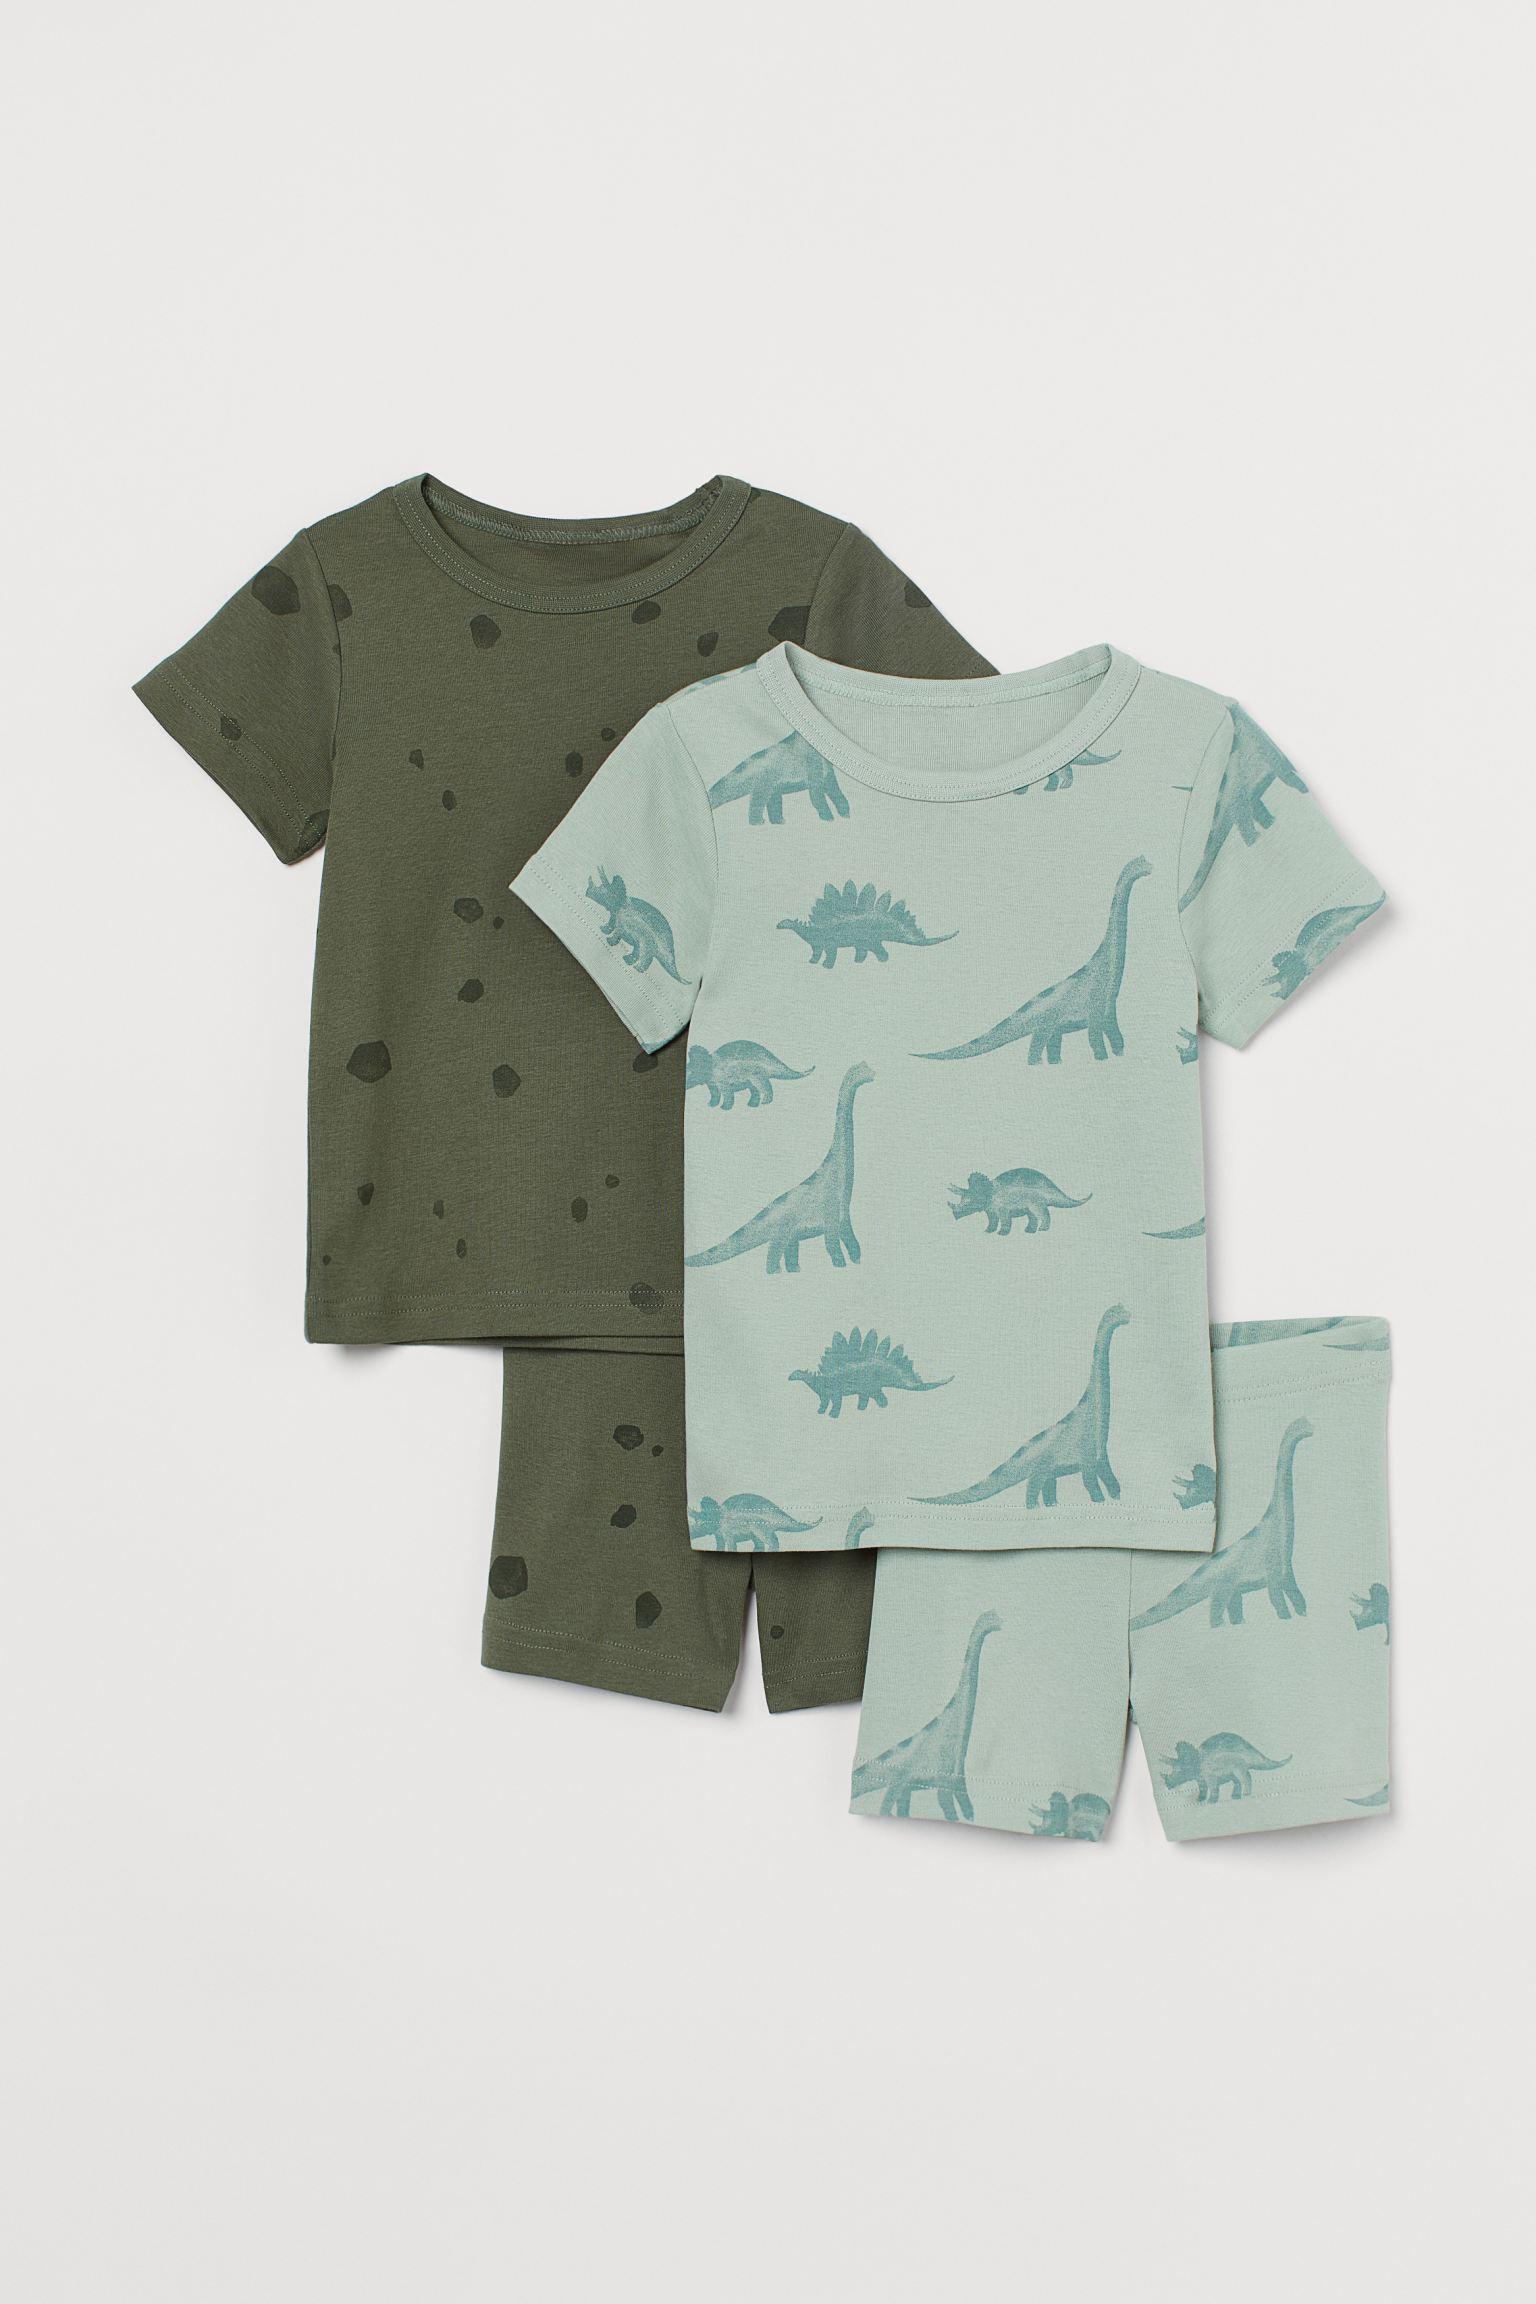 Pijamas en punto suave de algodón. Camiseta de manga corta con cuello fino ribeteado en punto elástico de canalé. Pantalón corto con elástico revestido en la cintura.